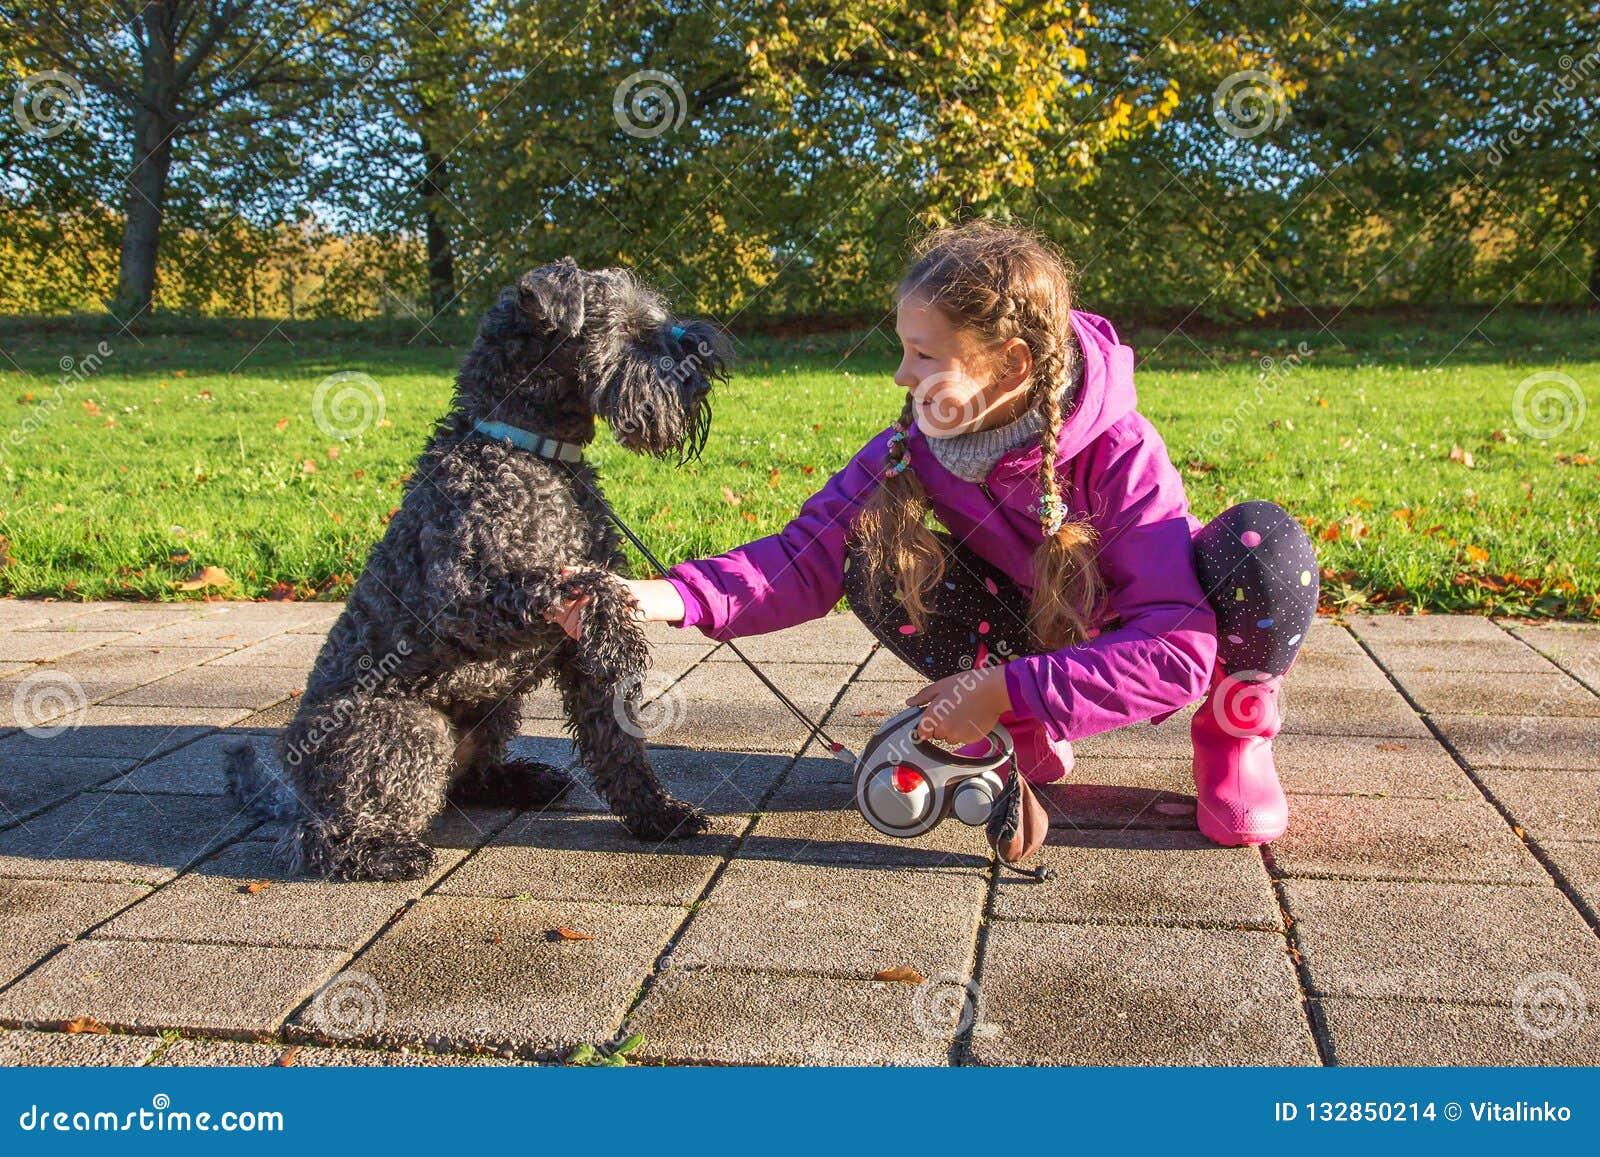 Uścisku dłoni dzieciak i pies przyjaźń z zwierzętami